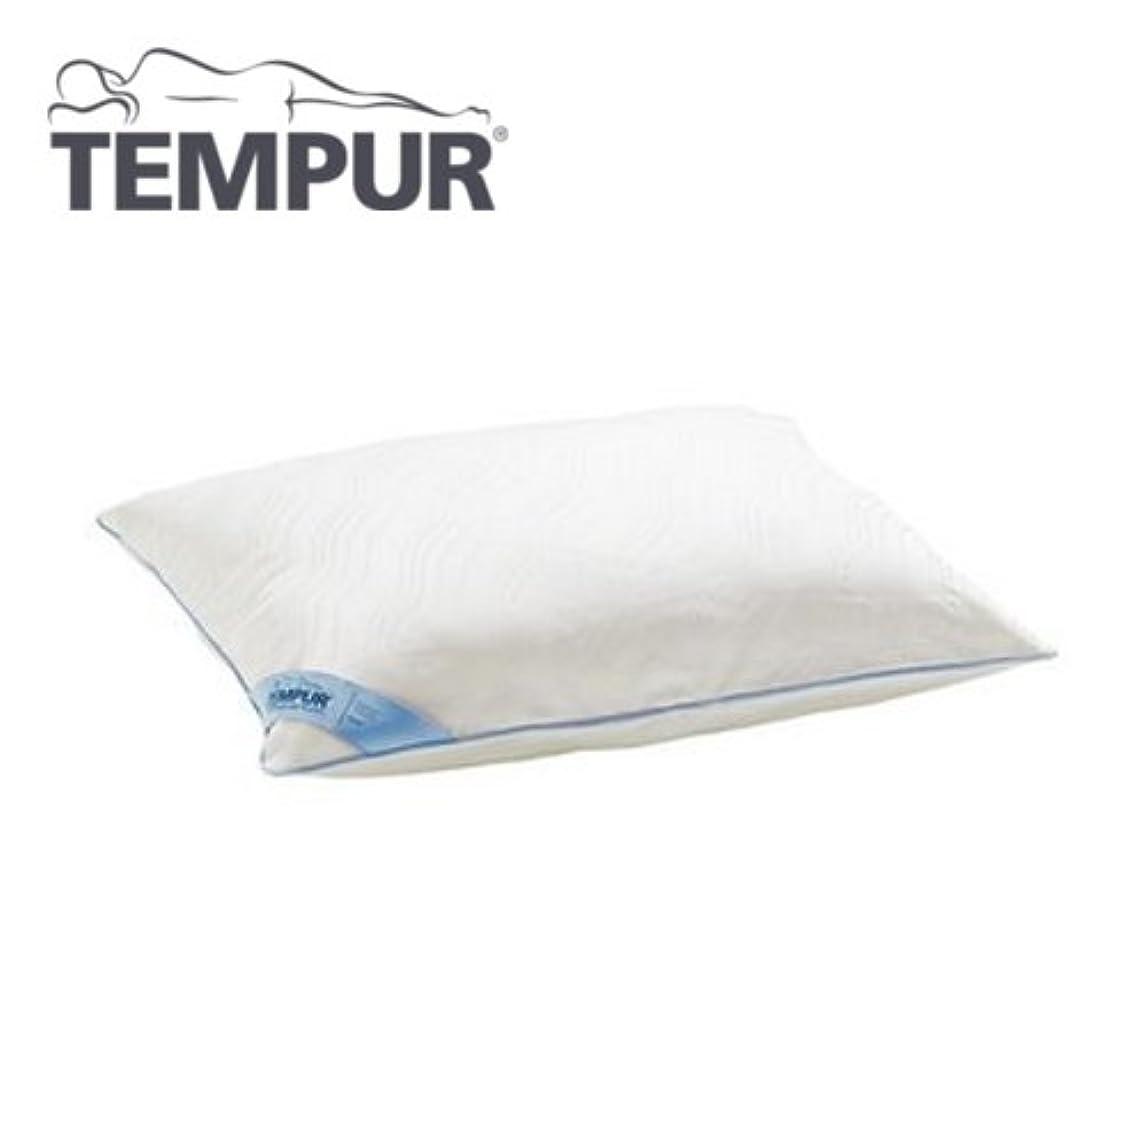 嫌がる興奮する呼び起こすテンピュール(Tempur) ネックピロー ホワイト 43x63cmのピローケースに対応 イージークリーンTM ピロー 180922